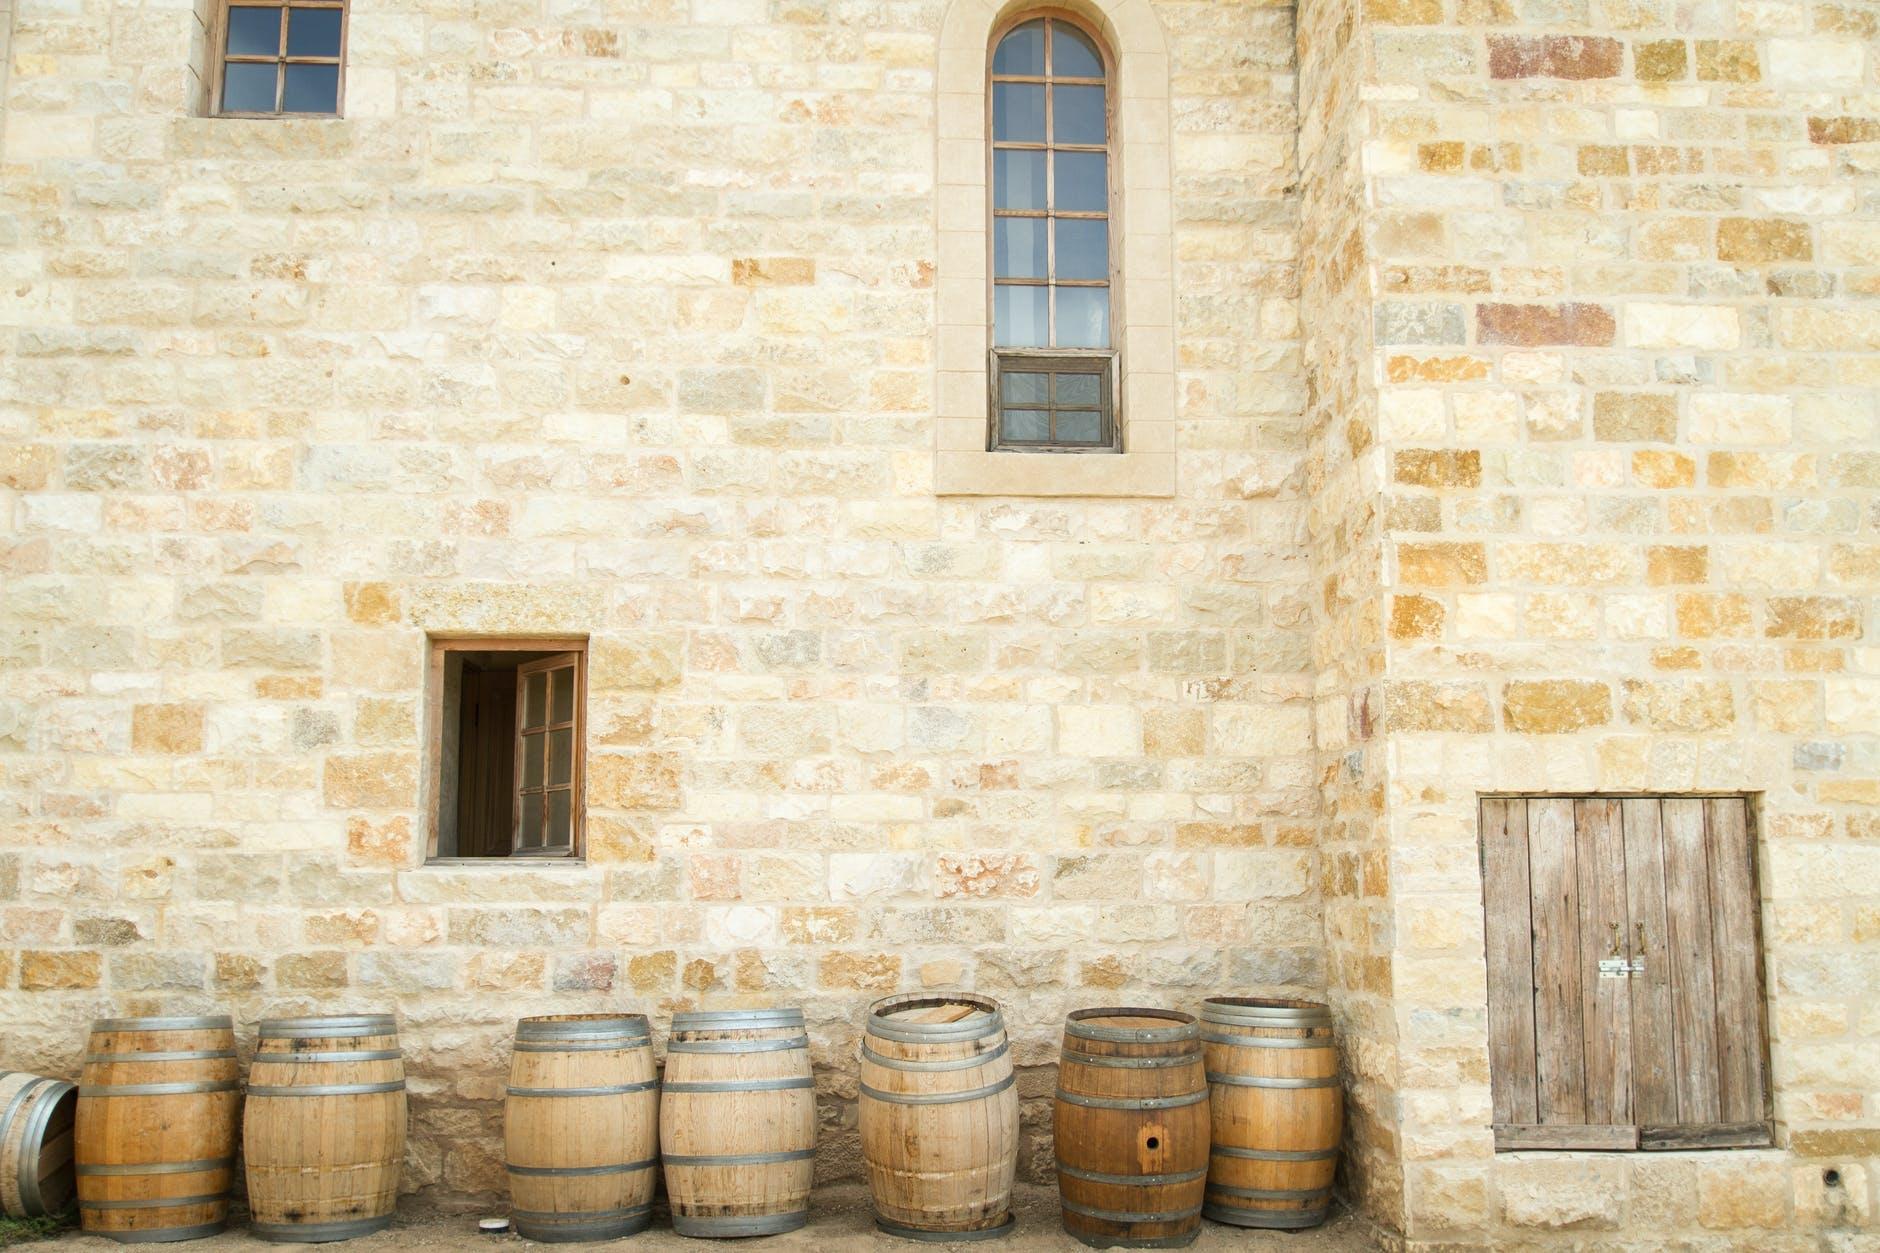 Фуранчос: старинная традиция Галисии продавать молодое вино